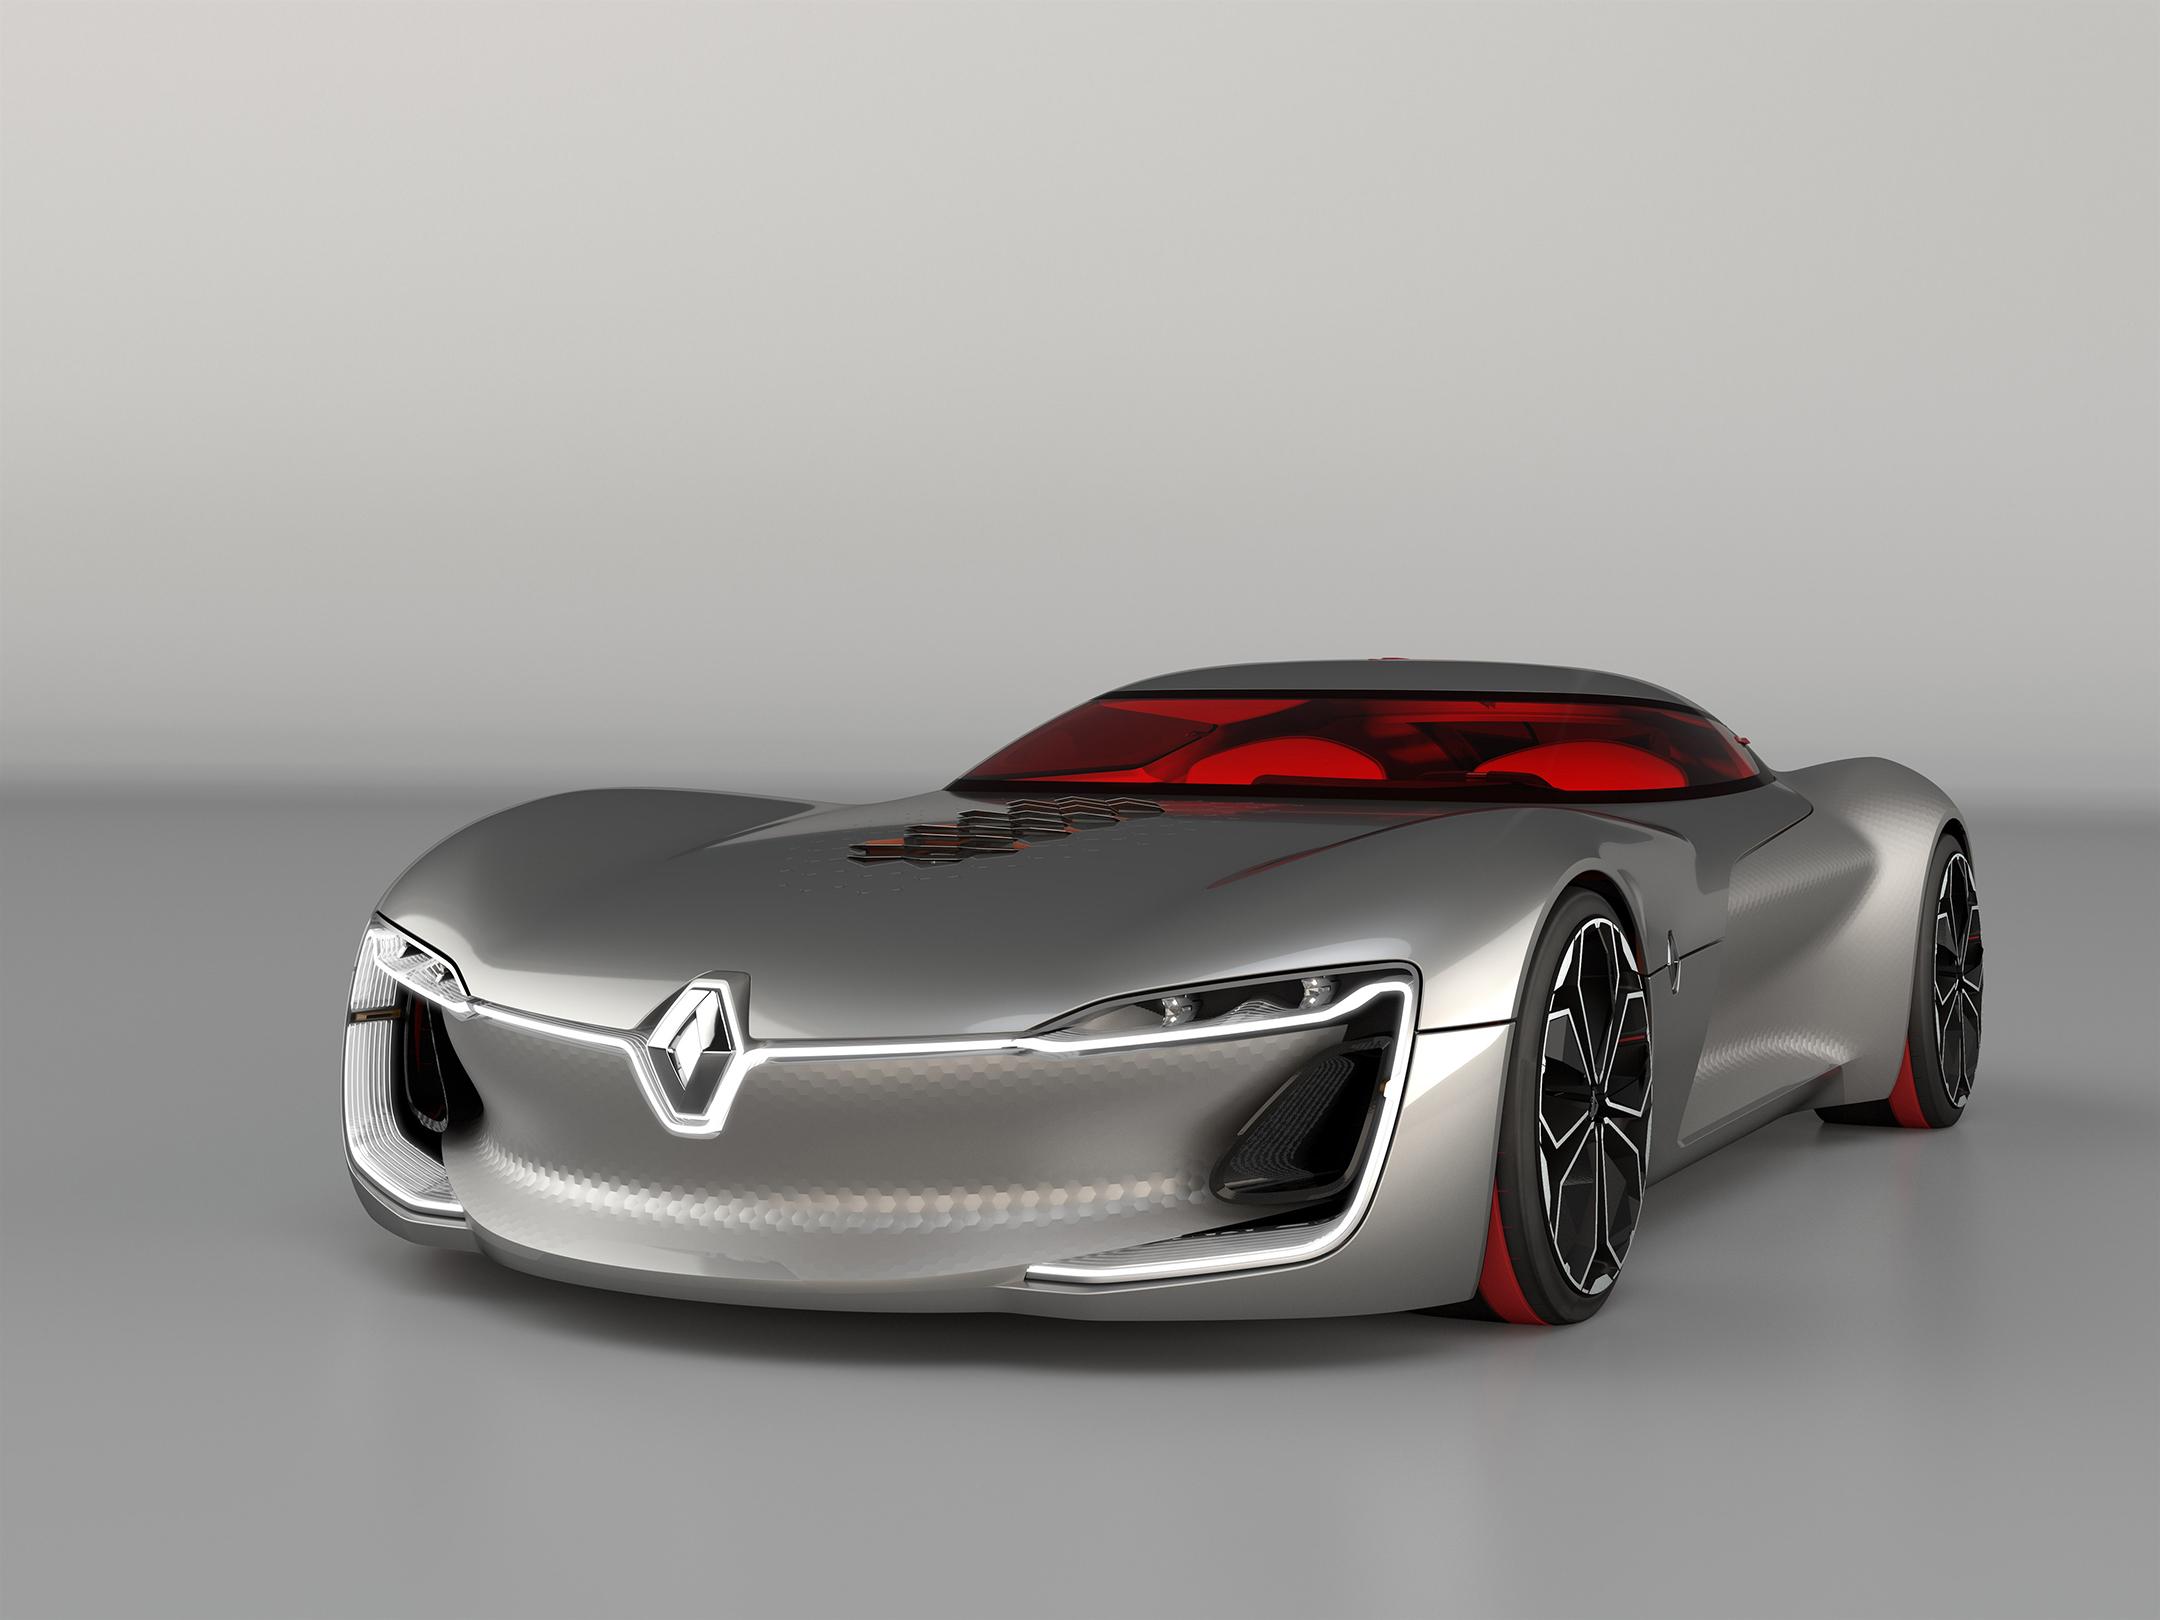 Renault TREZOR - 2016 - front side-face / profil avant